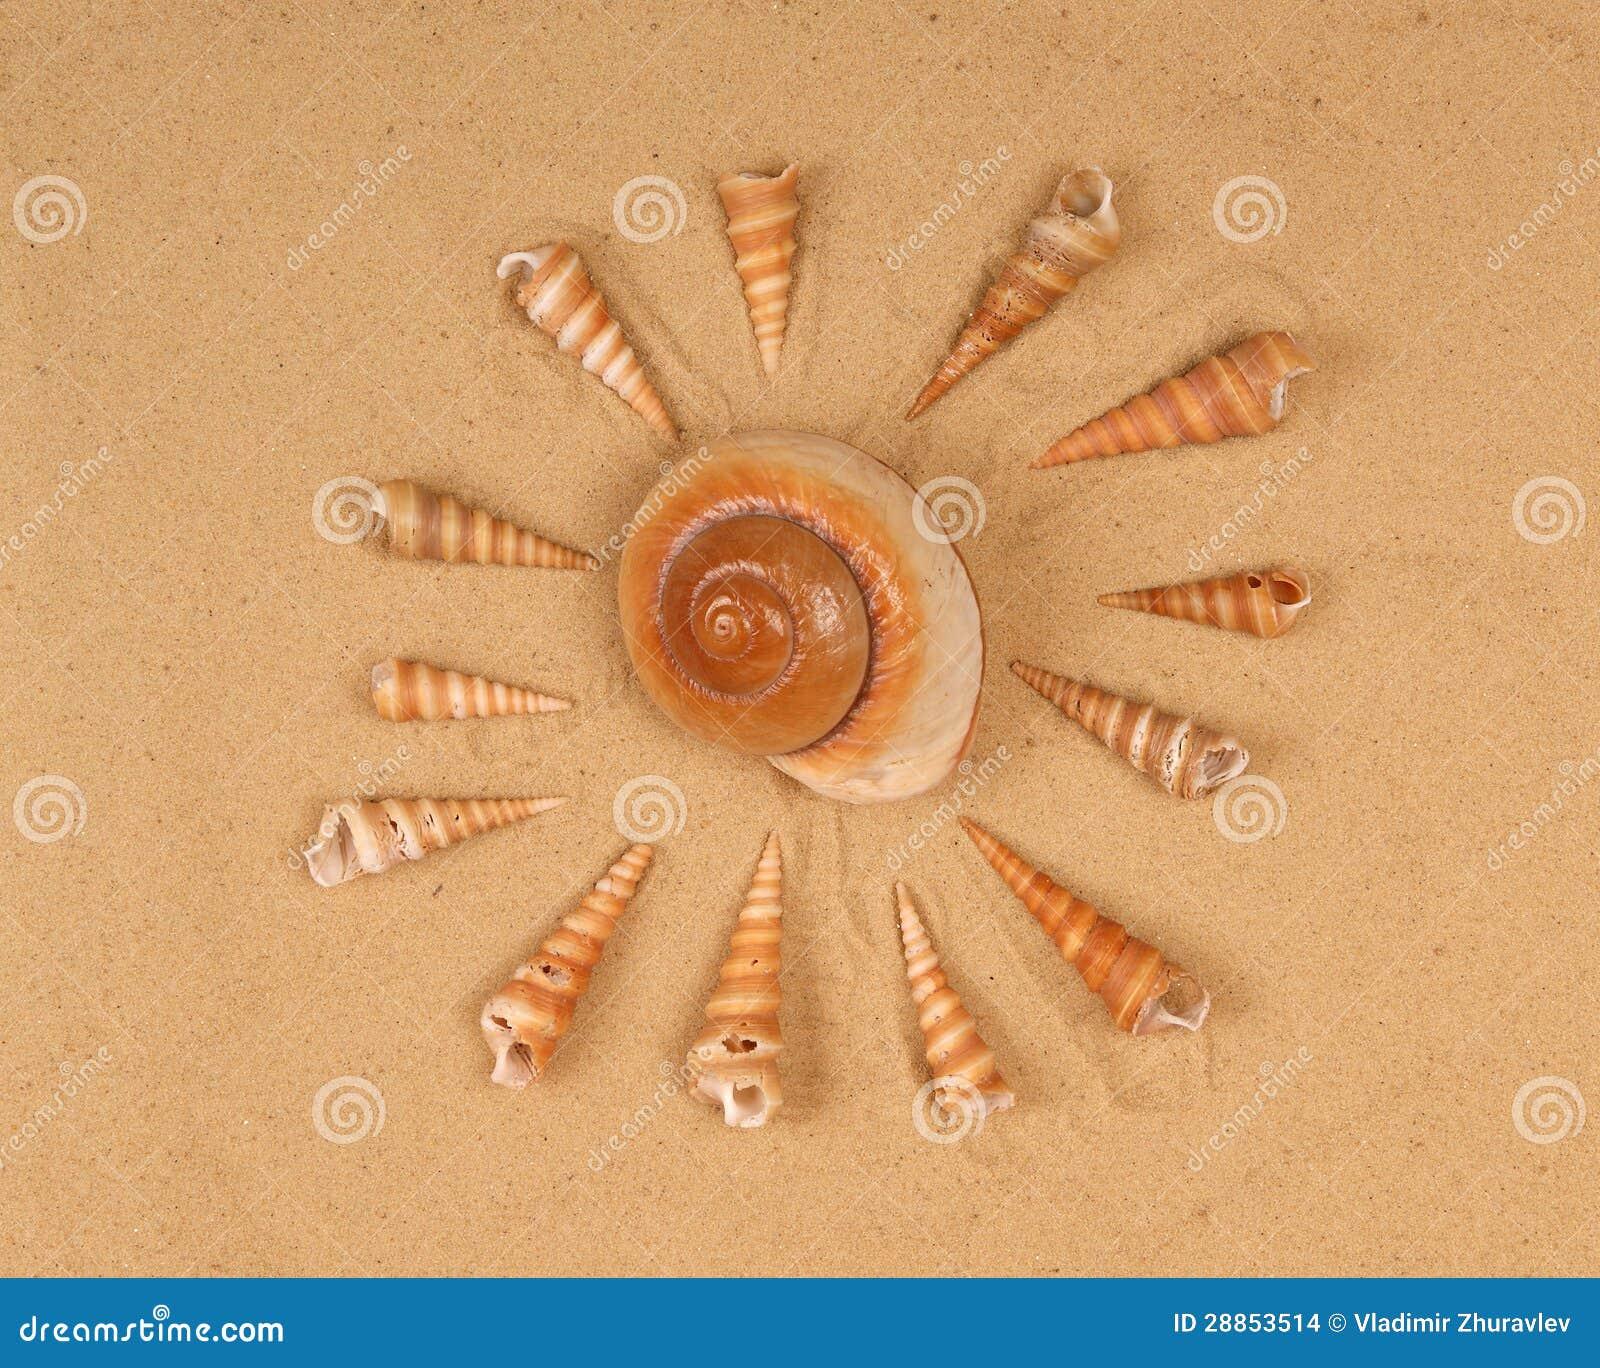 Grote zeeschelpen op het zand